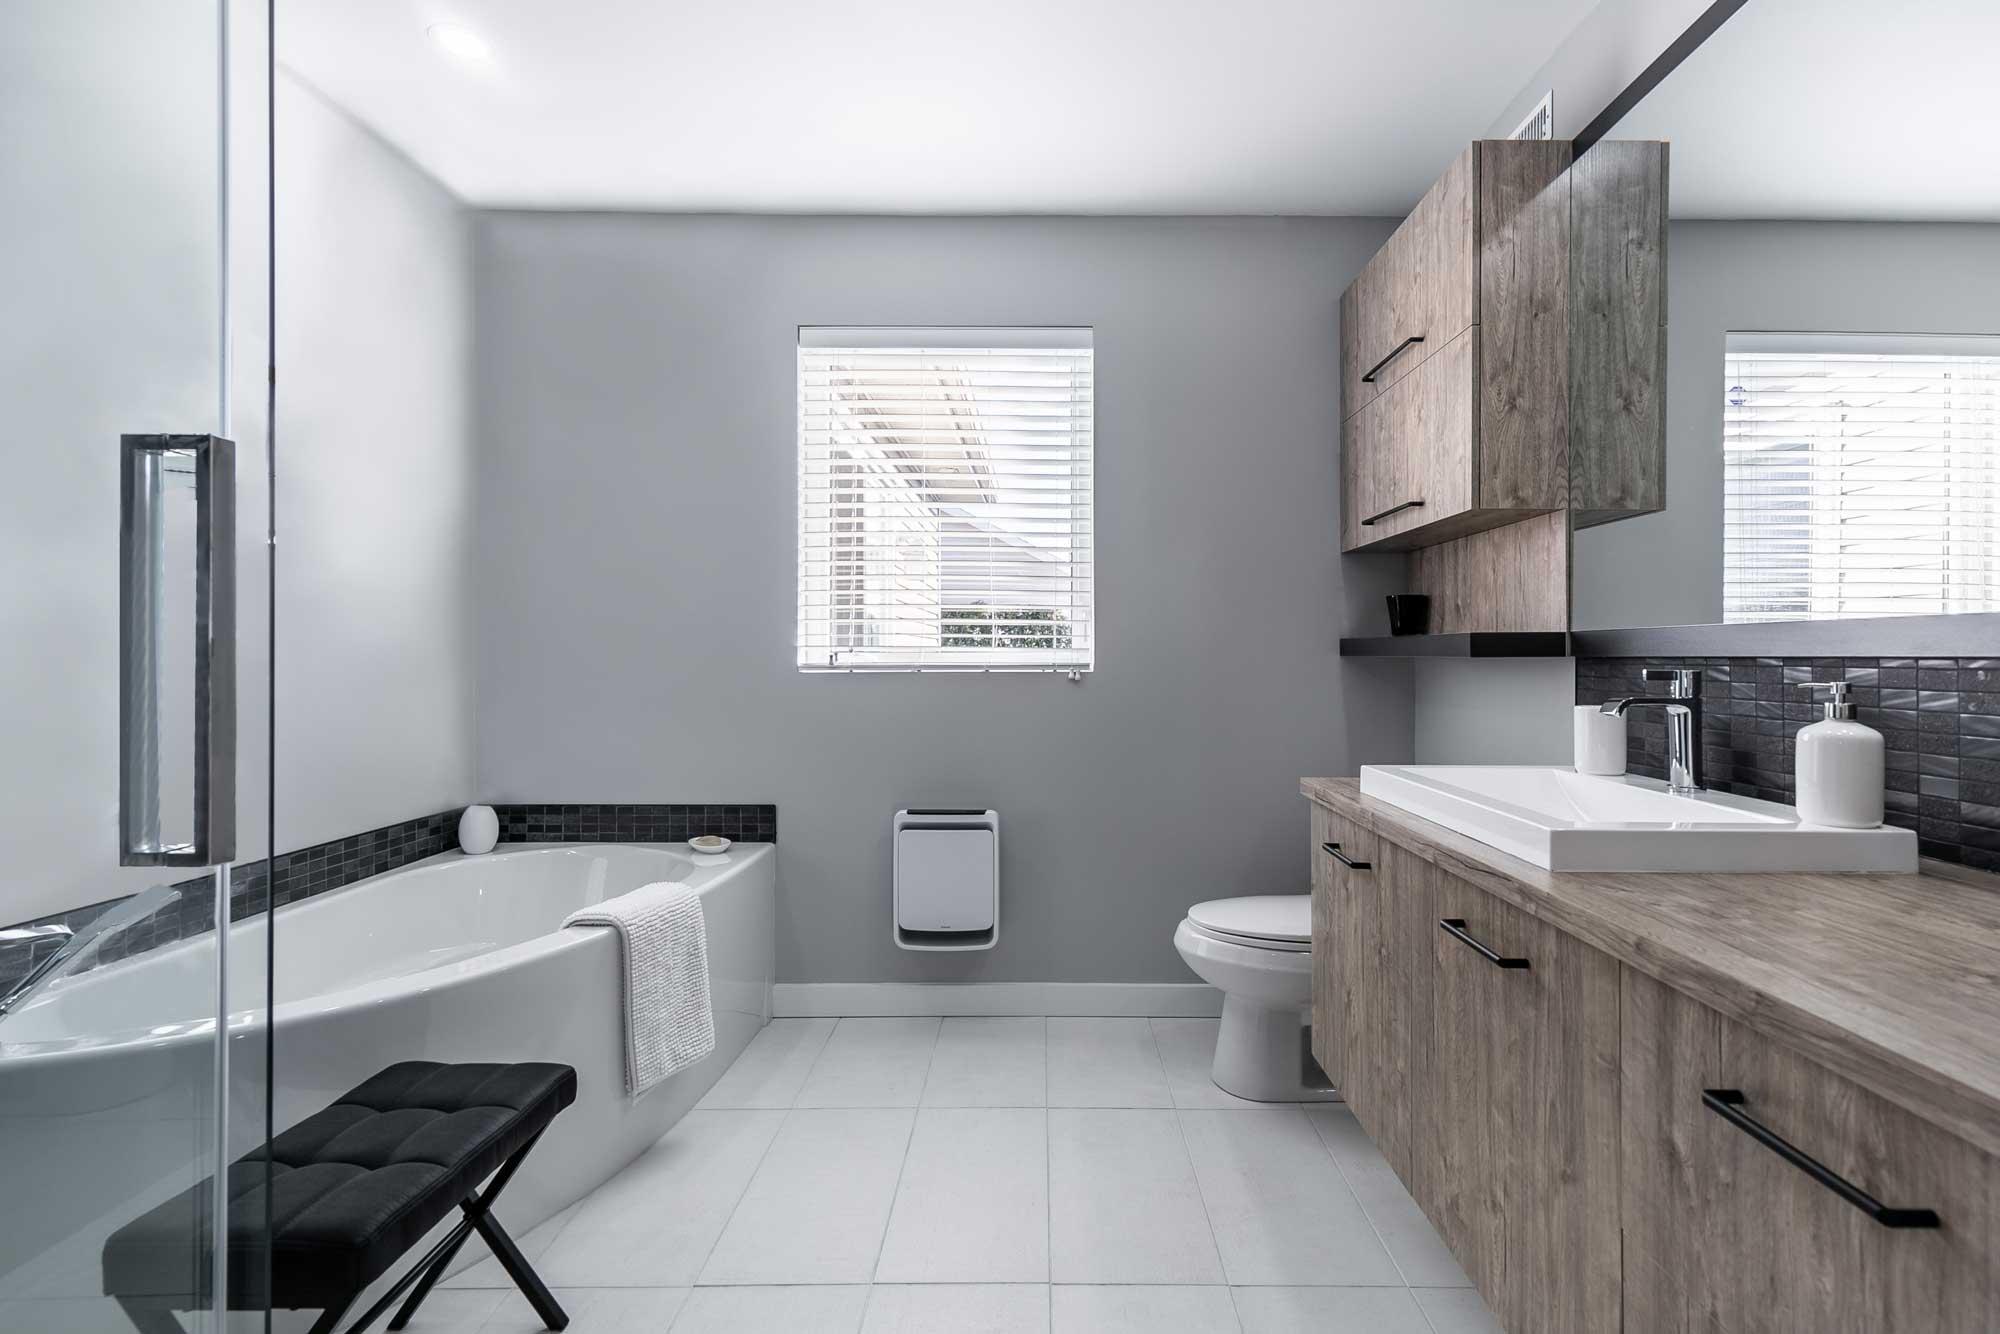 rénovation de salle de bain moderne avec bain autoportant et douche vitrée